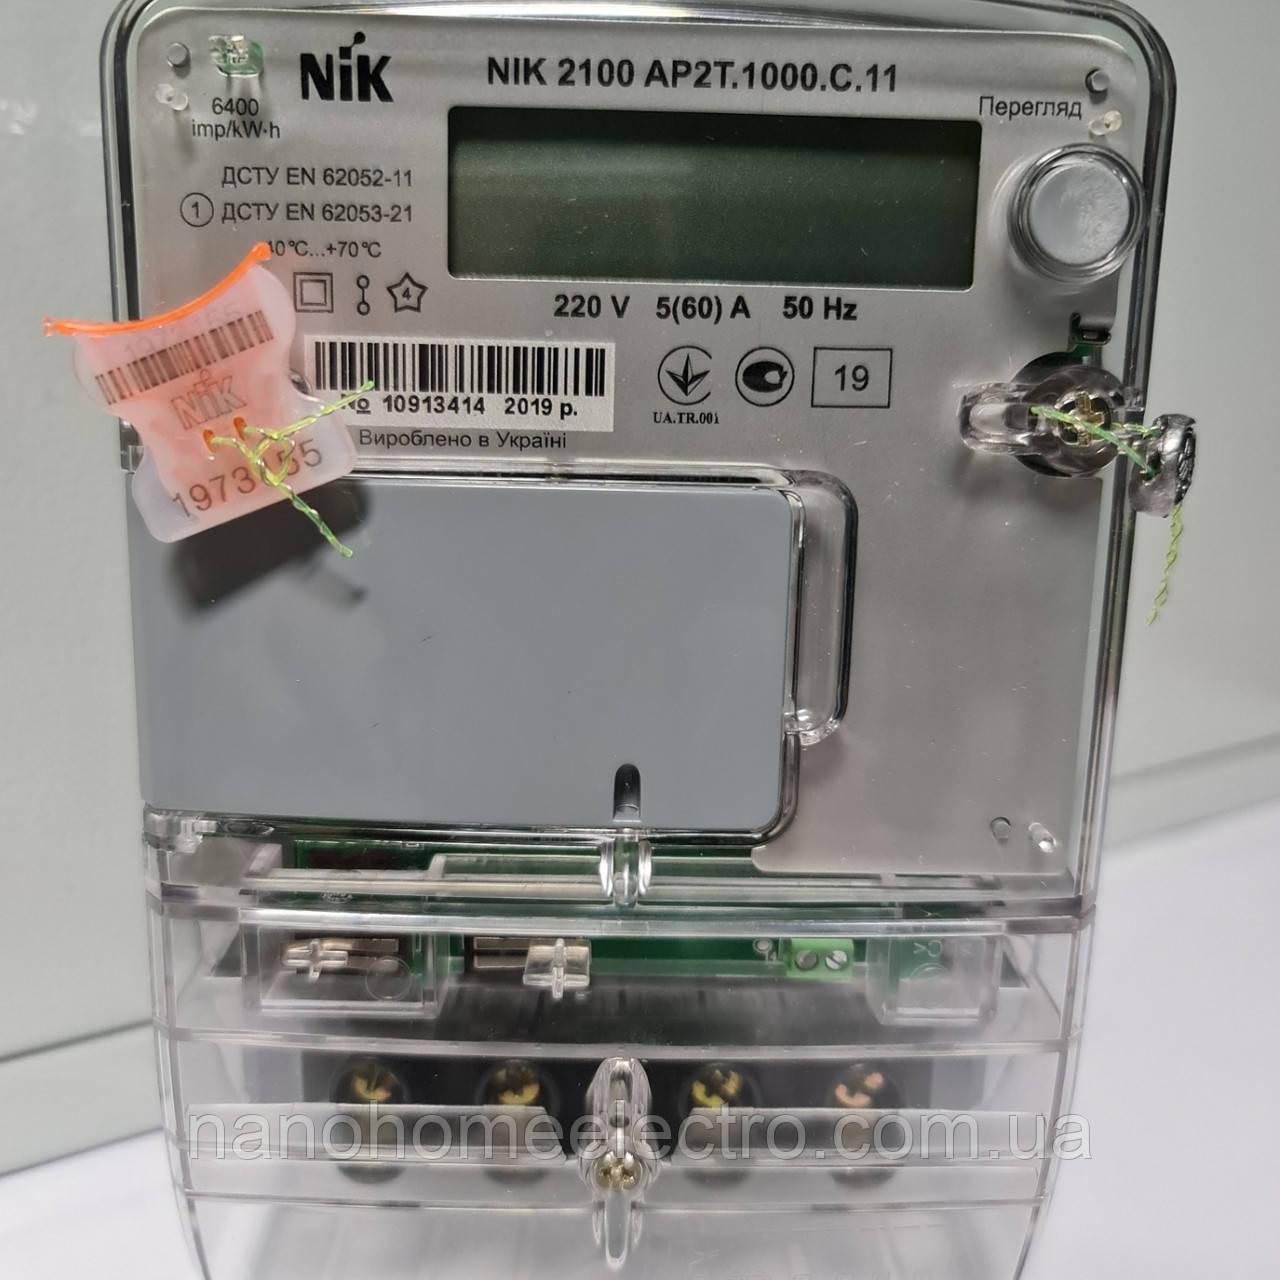 Двухтарифный счетчик Nik 2100 AP2T.1000.C.11